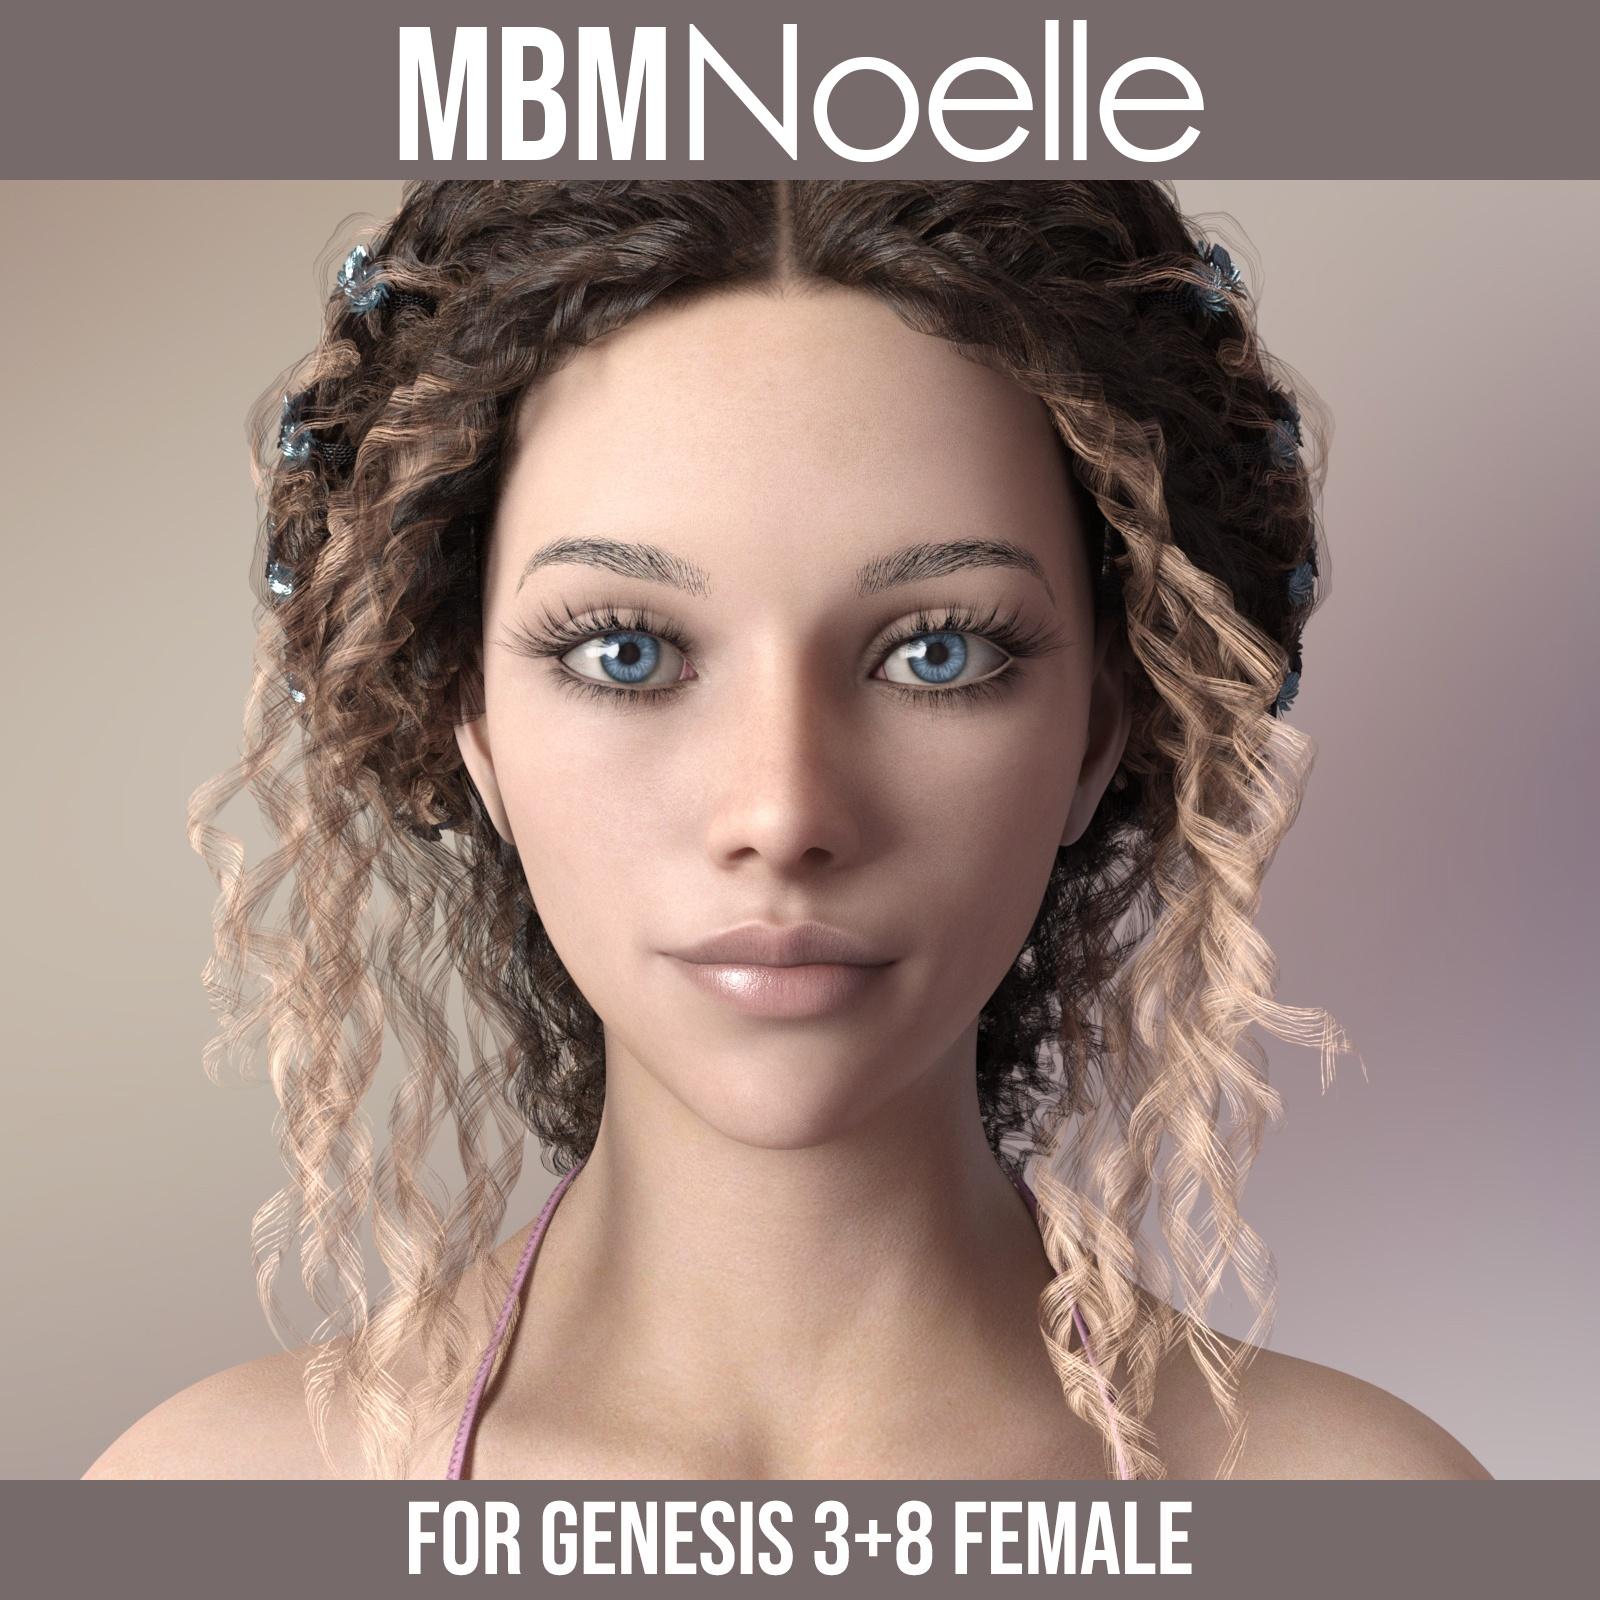 mbm-noelle-for-genesis-3-&-8-female